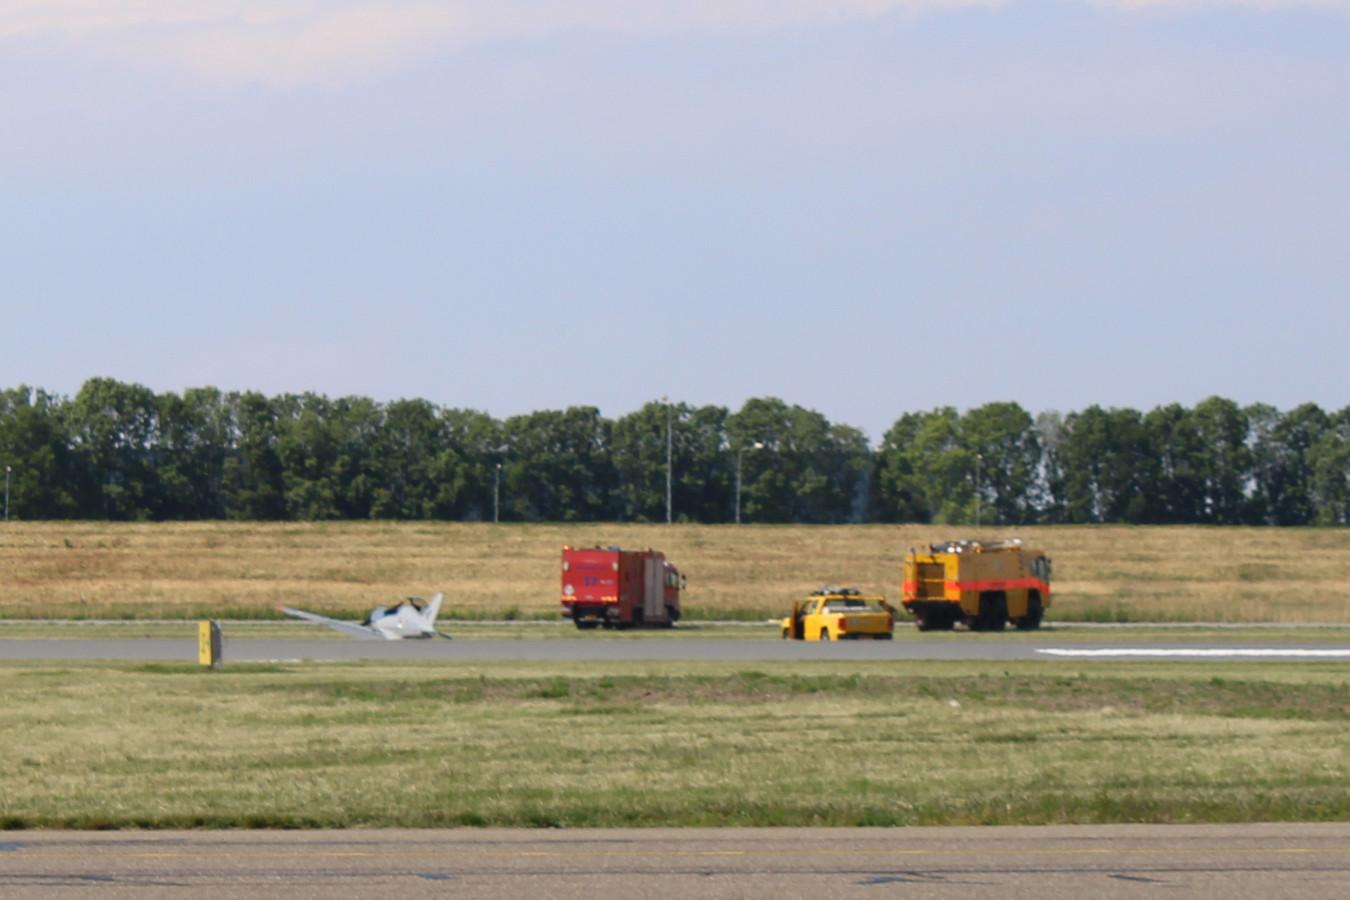 De piloten stapten ongedeerd uit.